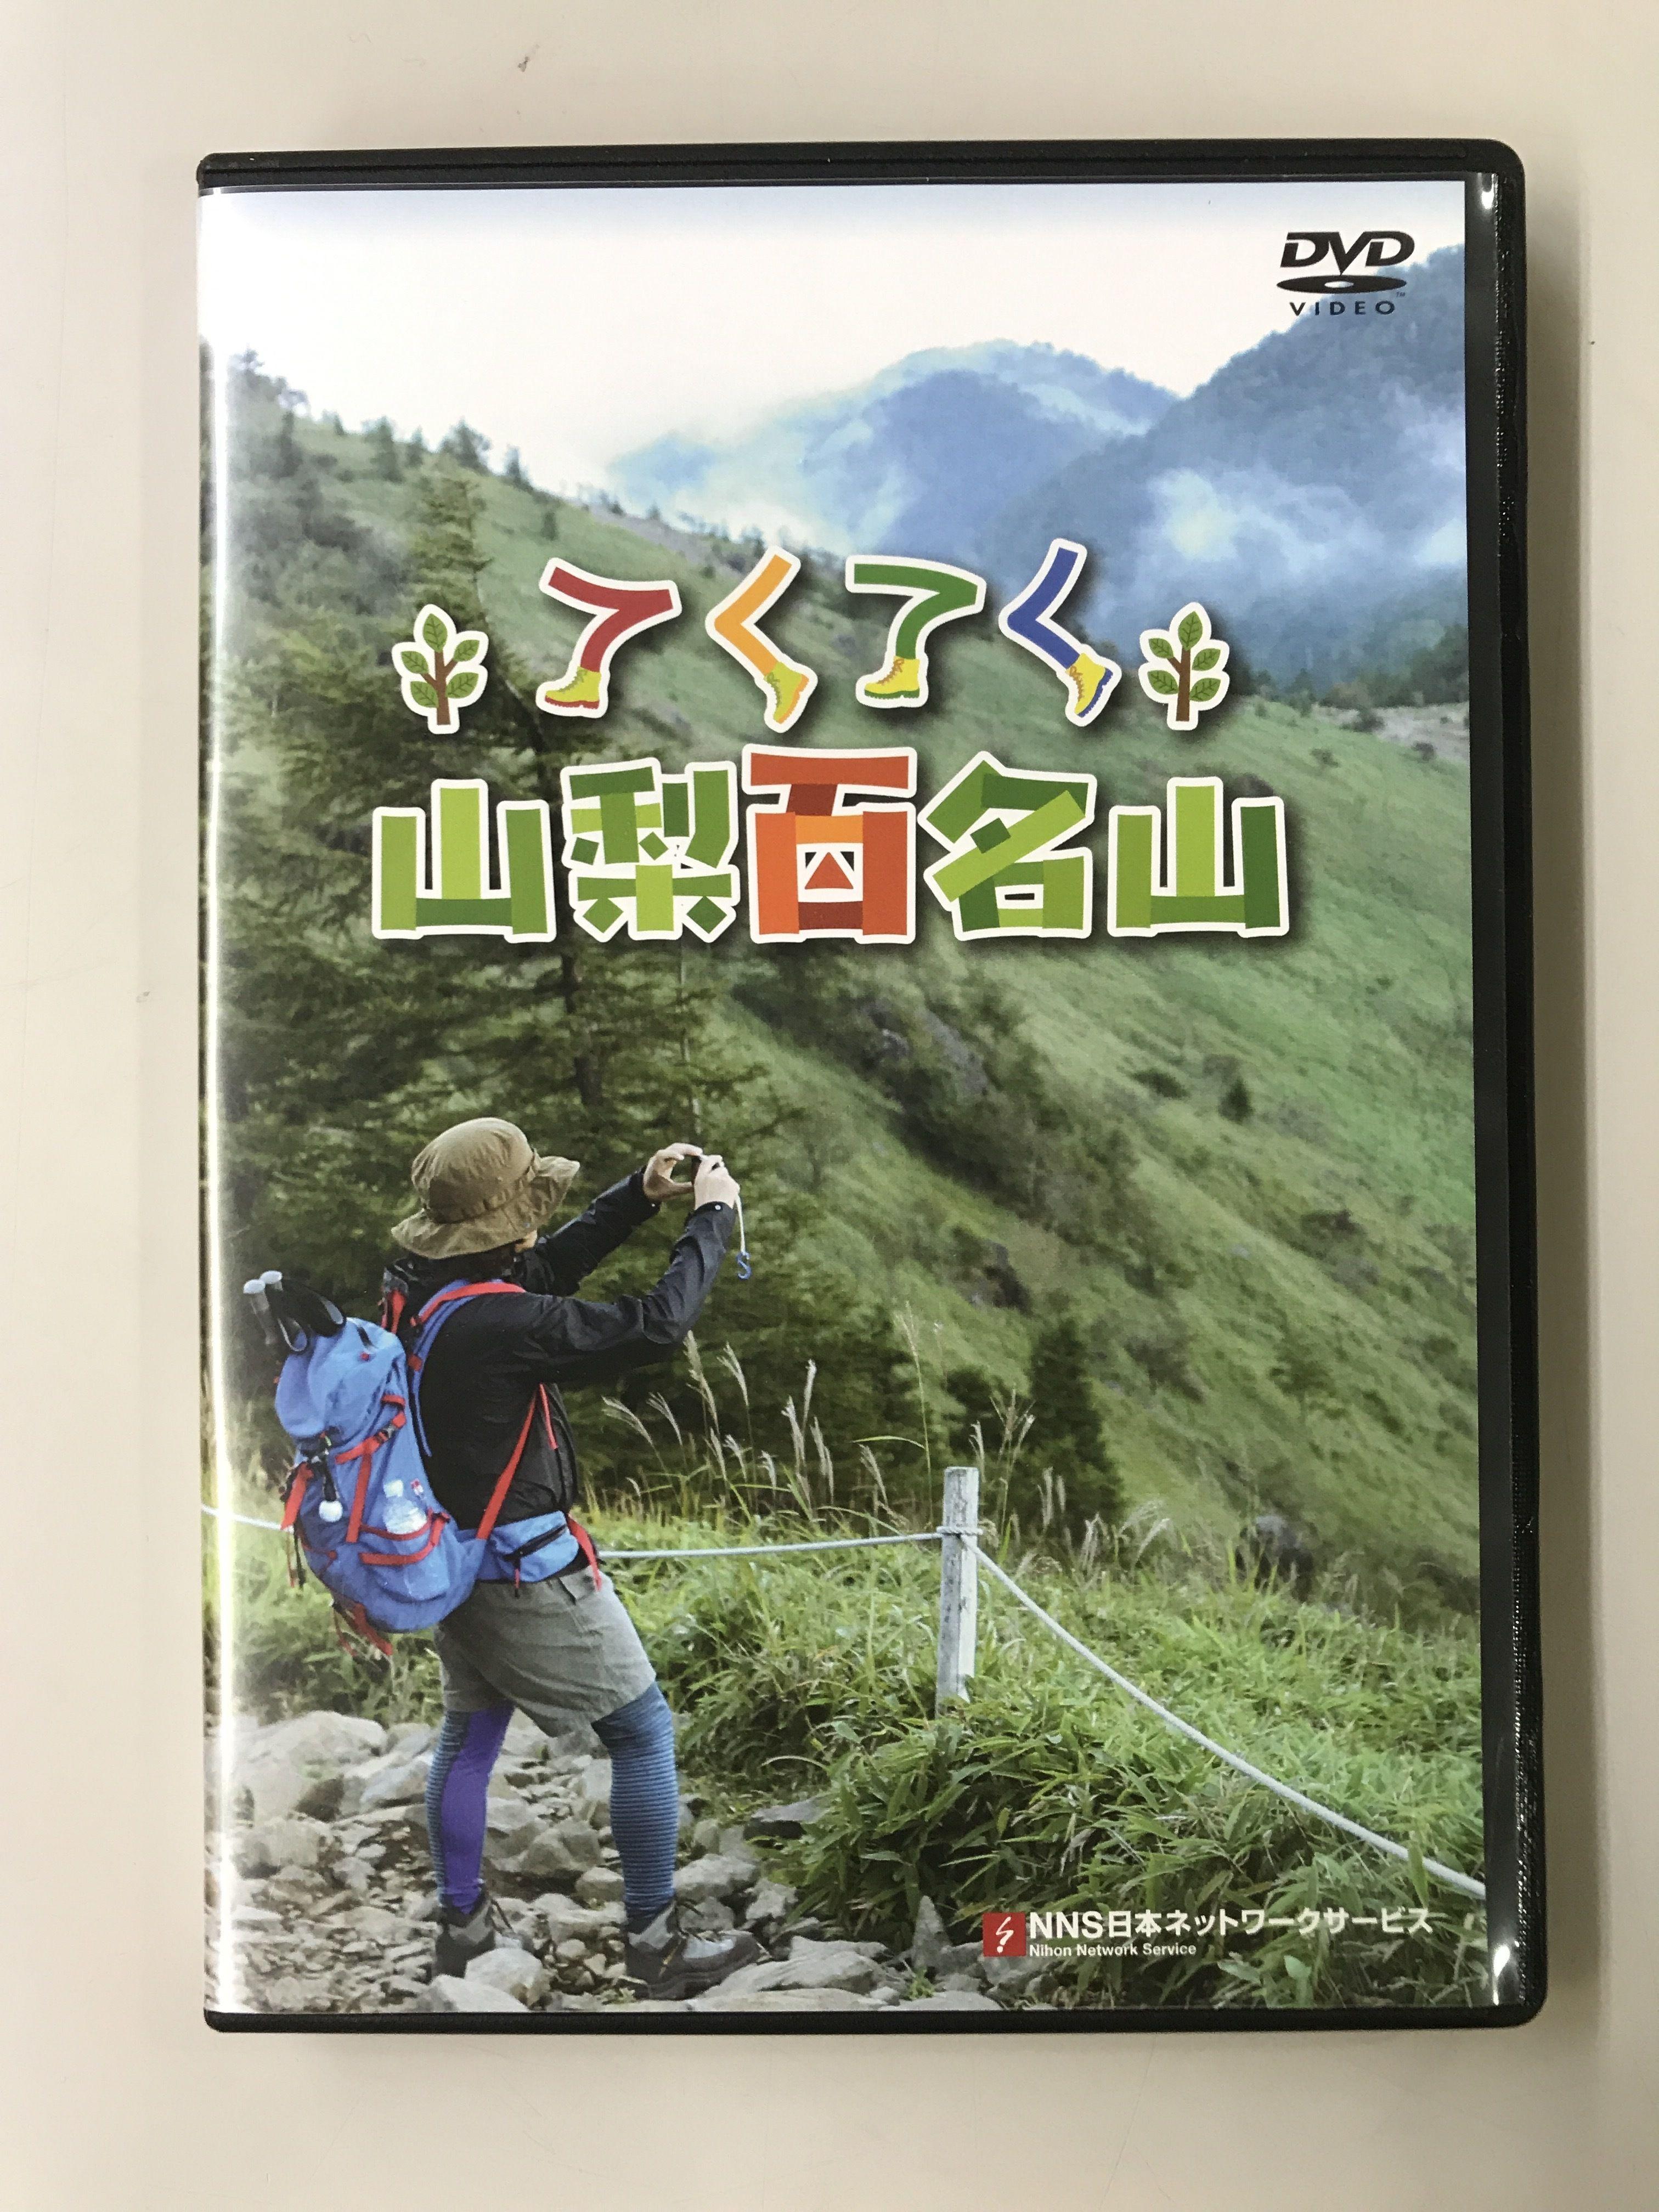 てくてく山梨百名山(DVD)